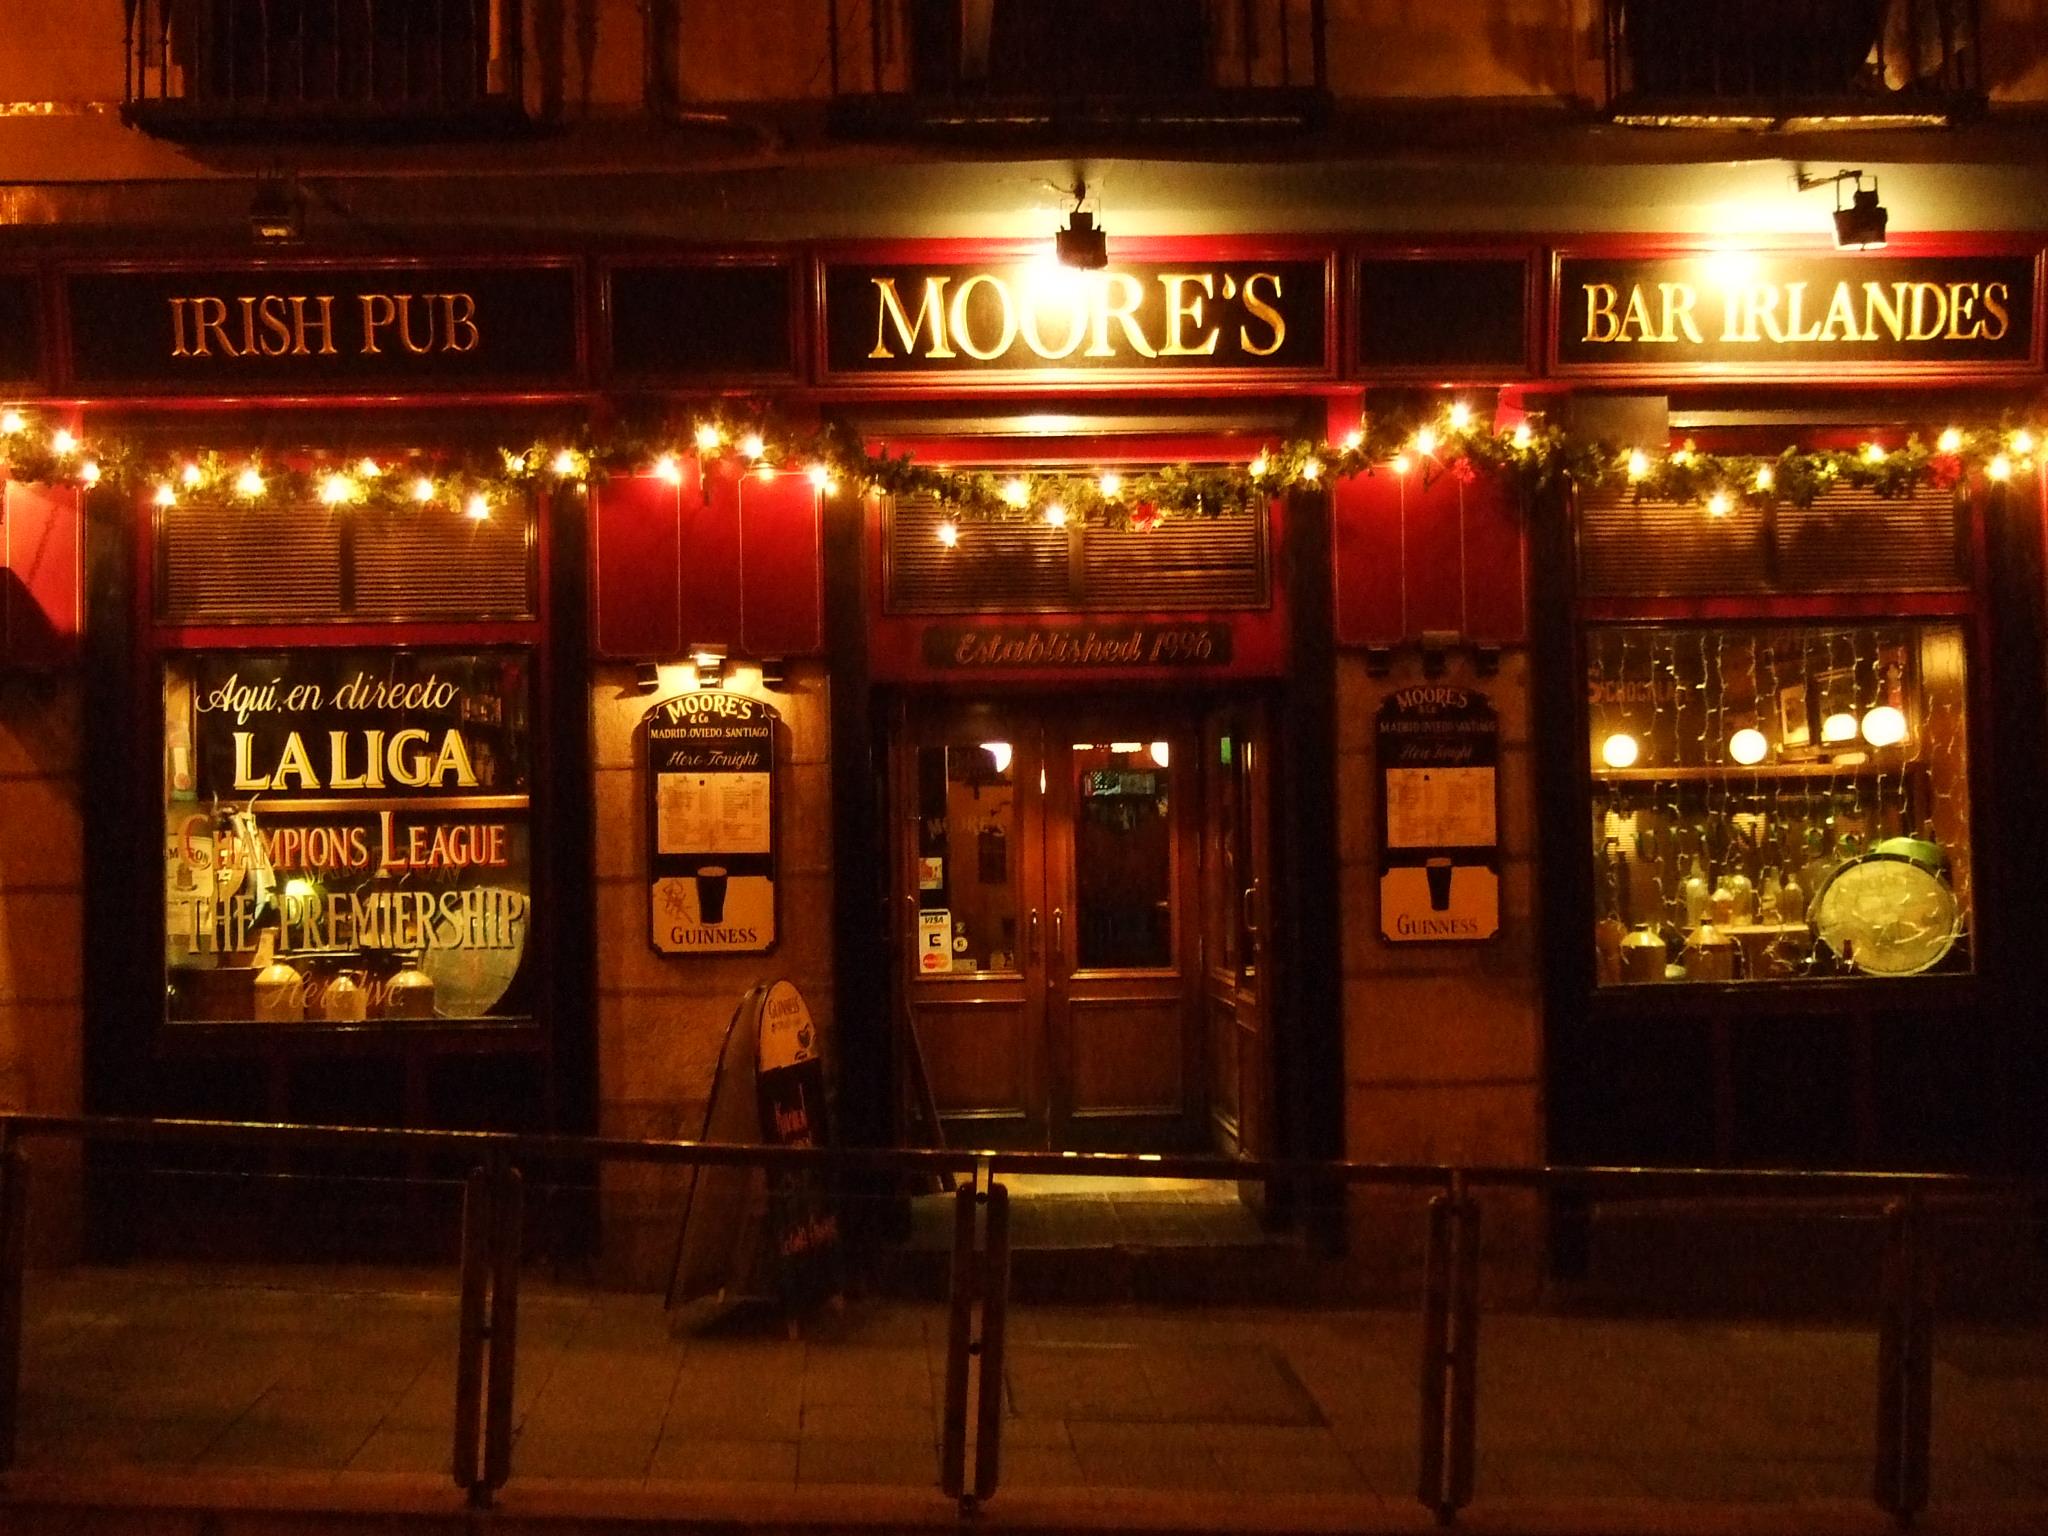 Pub irlandés | El alba siempre es difusa | Página 8